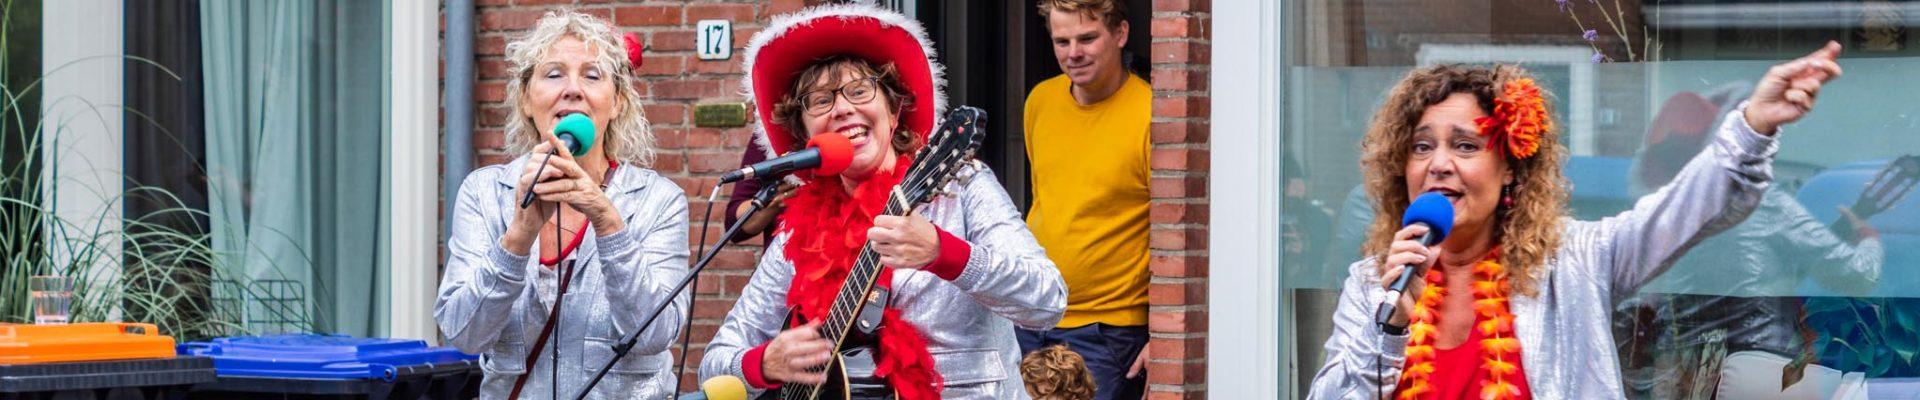 CultureelFestival-in-de-straat--fotograaf LisannevandenBroek